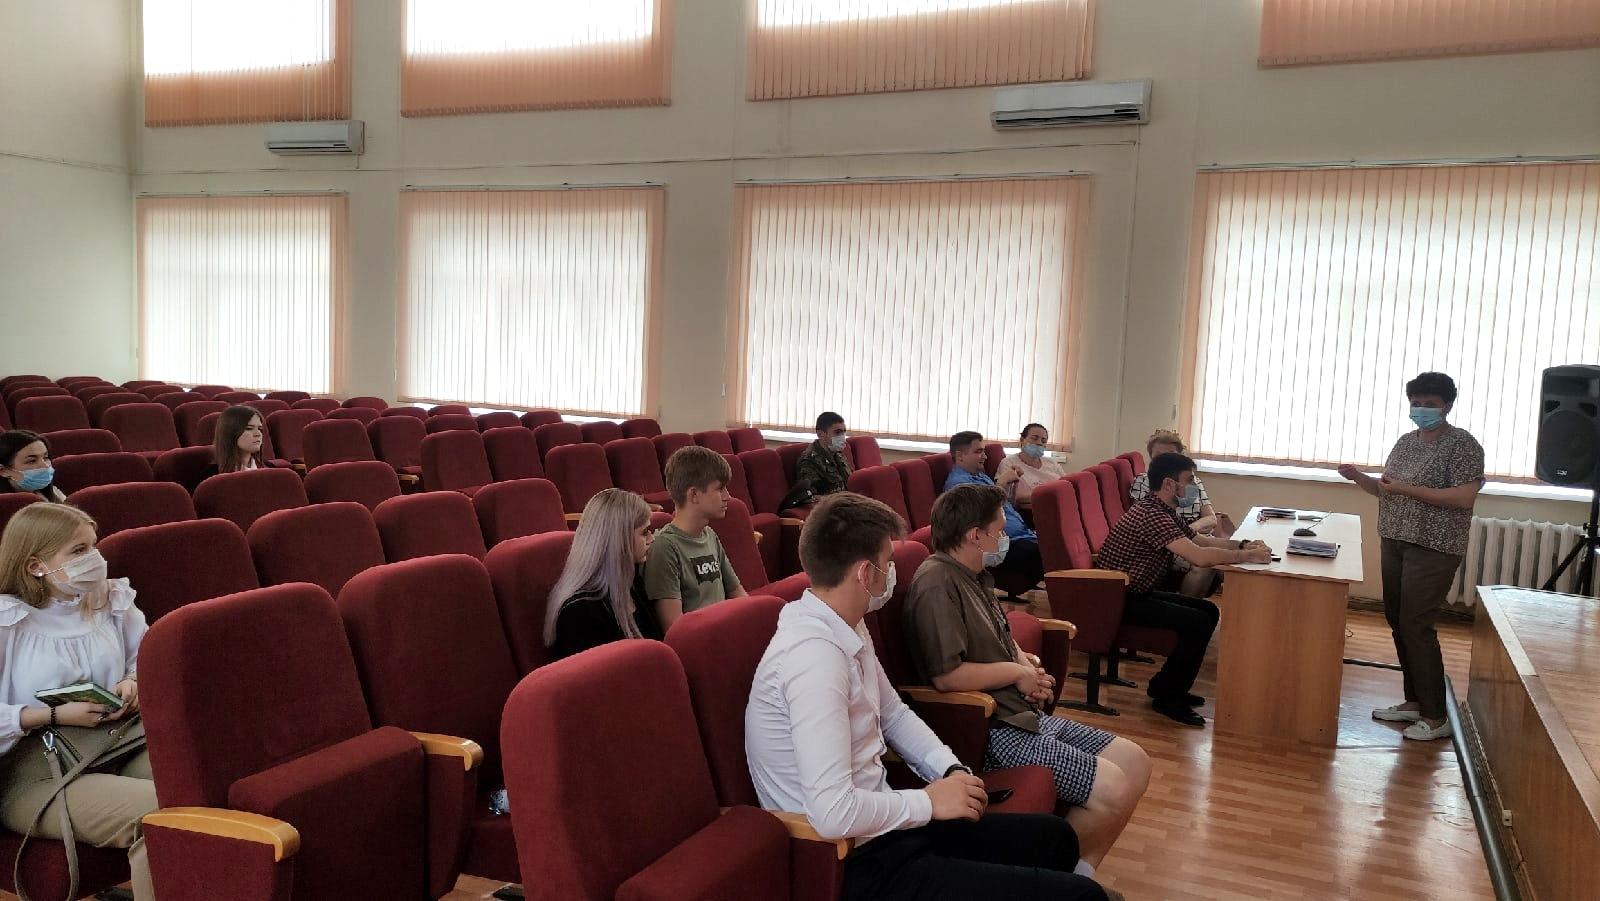 В Миллерово состоялась информационно-просветительская встреча-дискуссия с представителями образовательных организаций